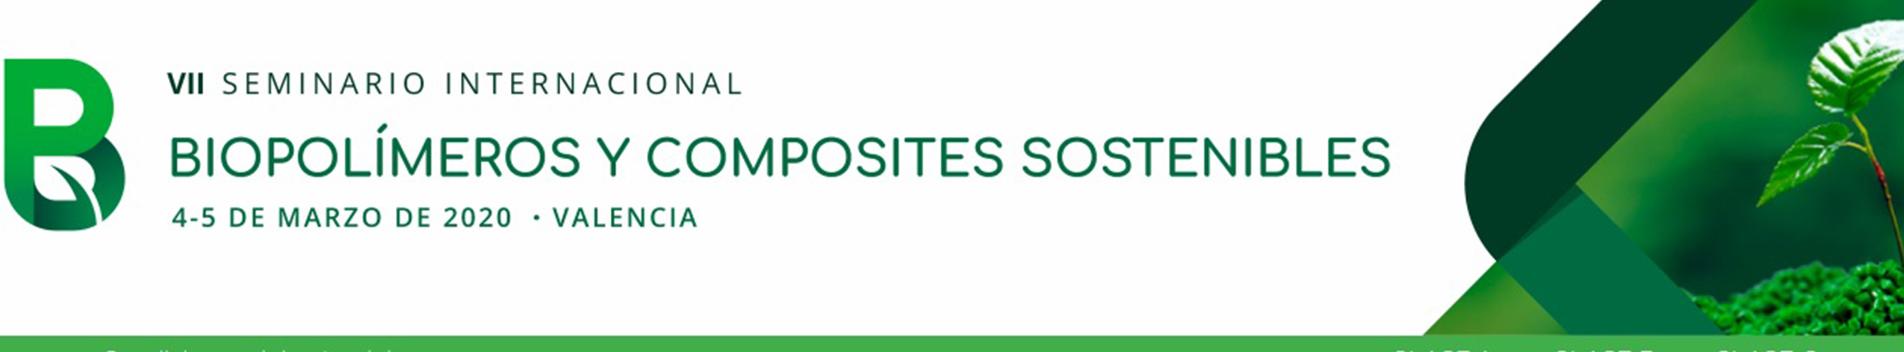 VII Edición del  Seminario Internacional sobre Biopolímeros y Composites Sostenibles